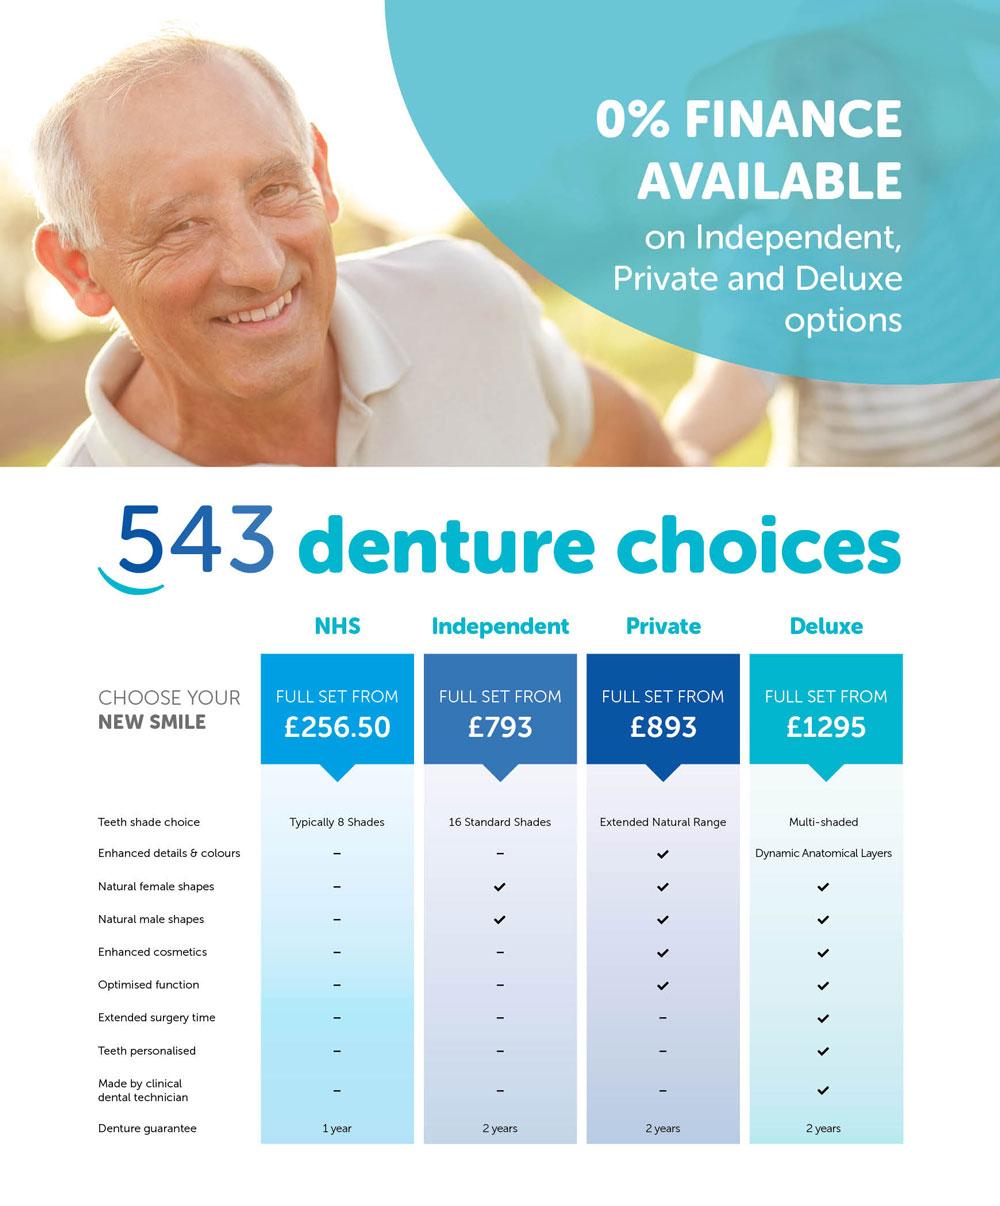 543 denture choices